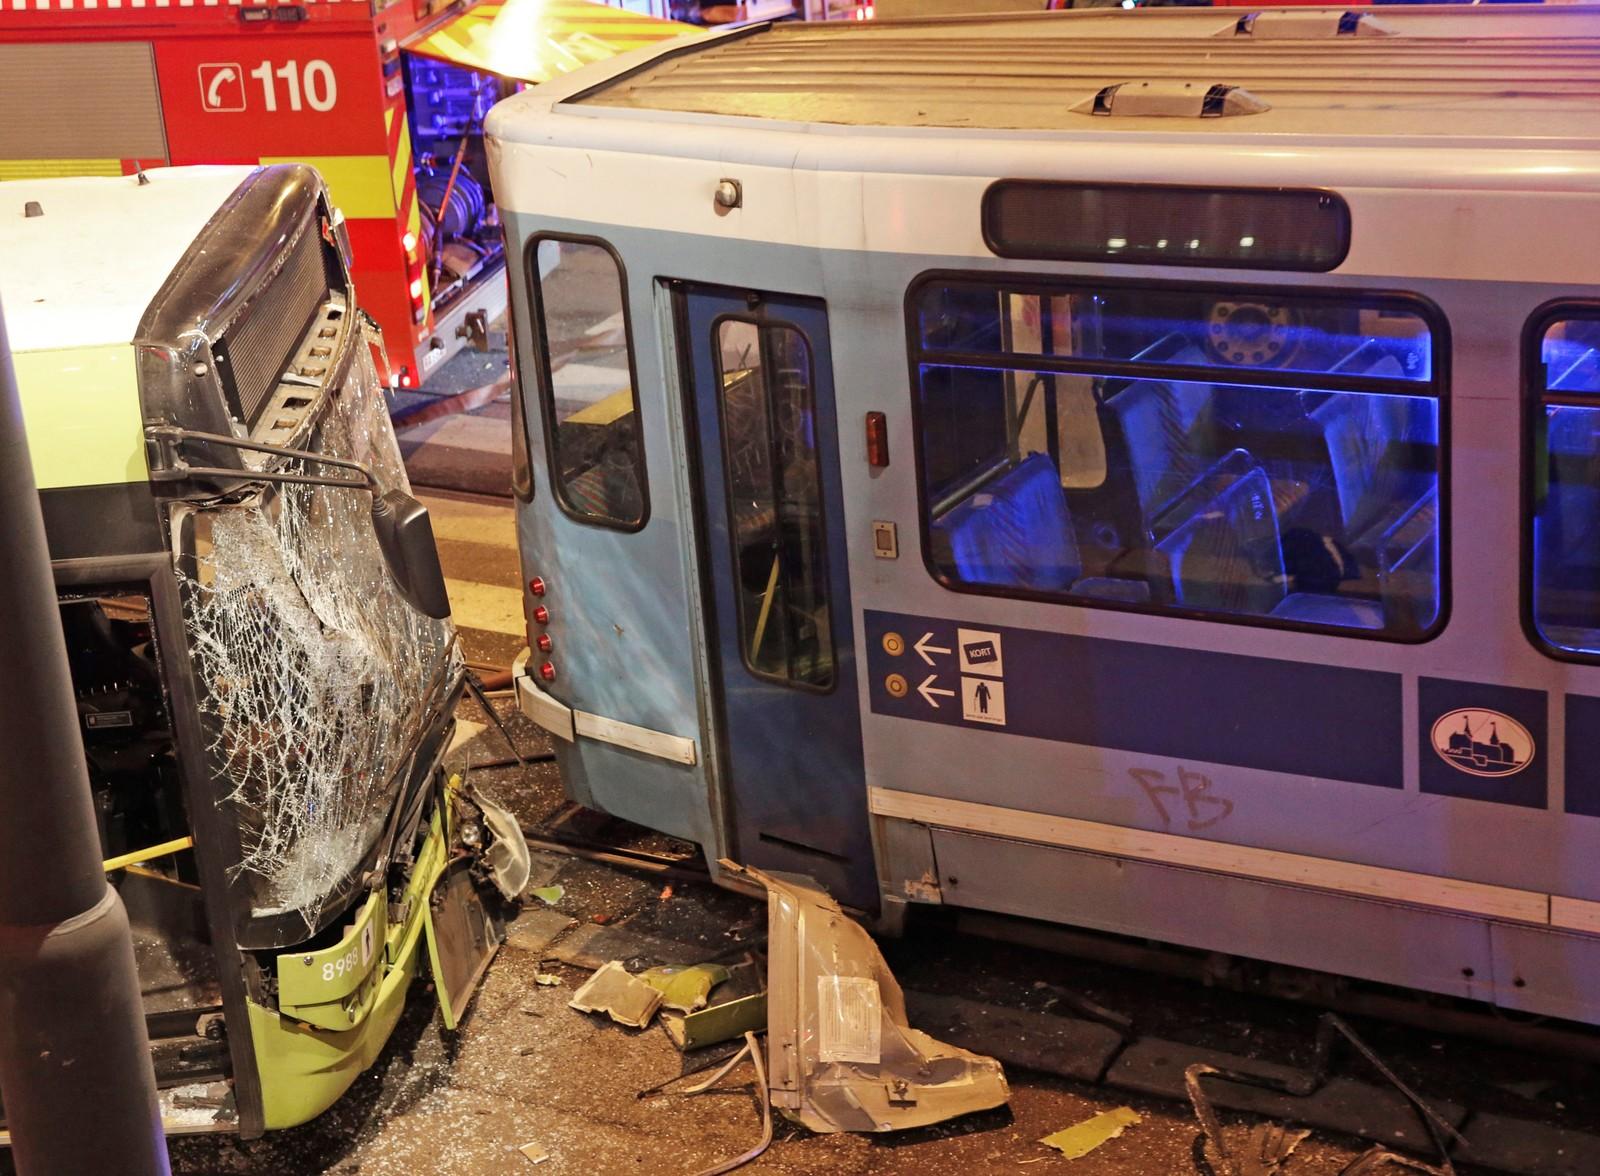 En trikk og en buss kolliderte sent tirsdag ettermiddag i krysset Munkedamsveien/Cort Adelersgate i Oslo. 13 personer ble er tatt hånd om av helsepersonell. Store styrker fra redningsetatene var raskt på stedet. Foto: Terje Bendiksby / NTB scanpix